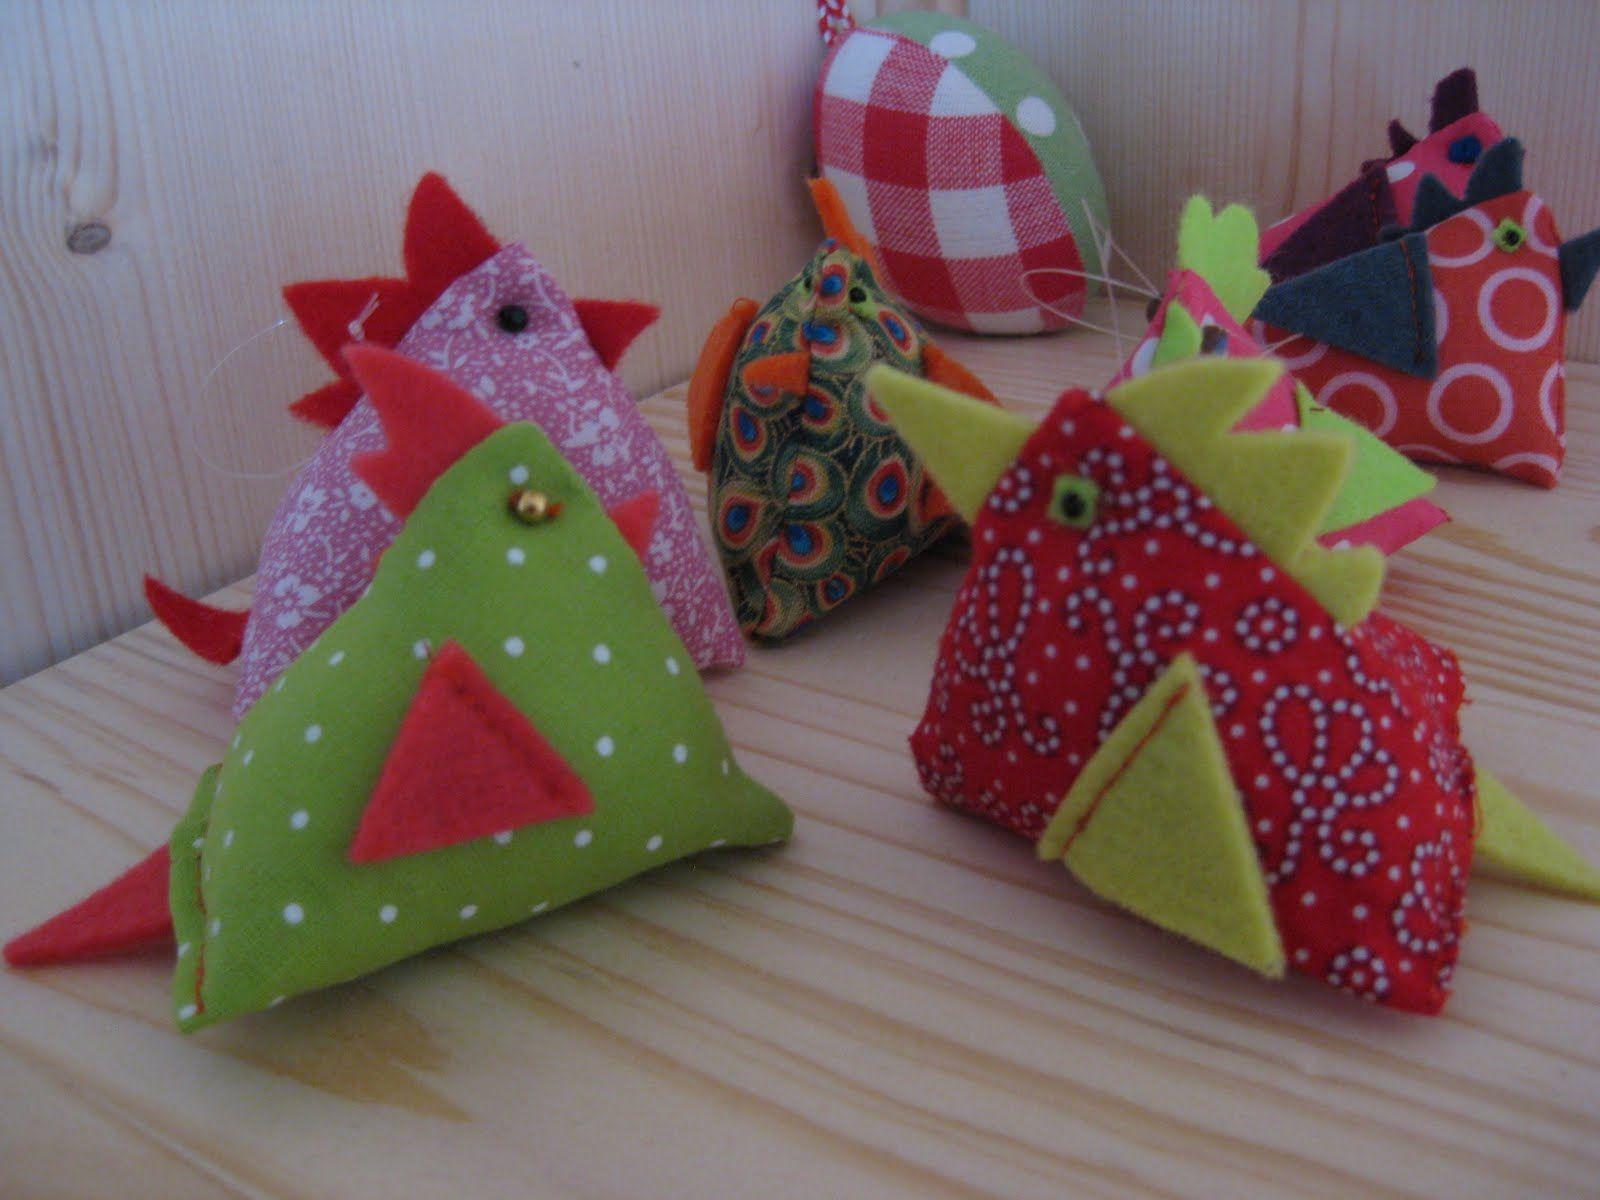 Tout faire maison tuto petites poules en tissu couture poule tissu et id es pour p ques - Blog couture deco maison ...